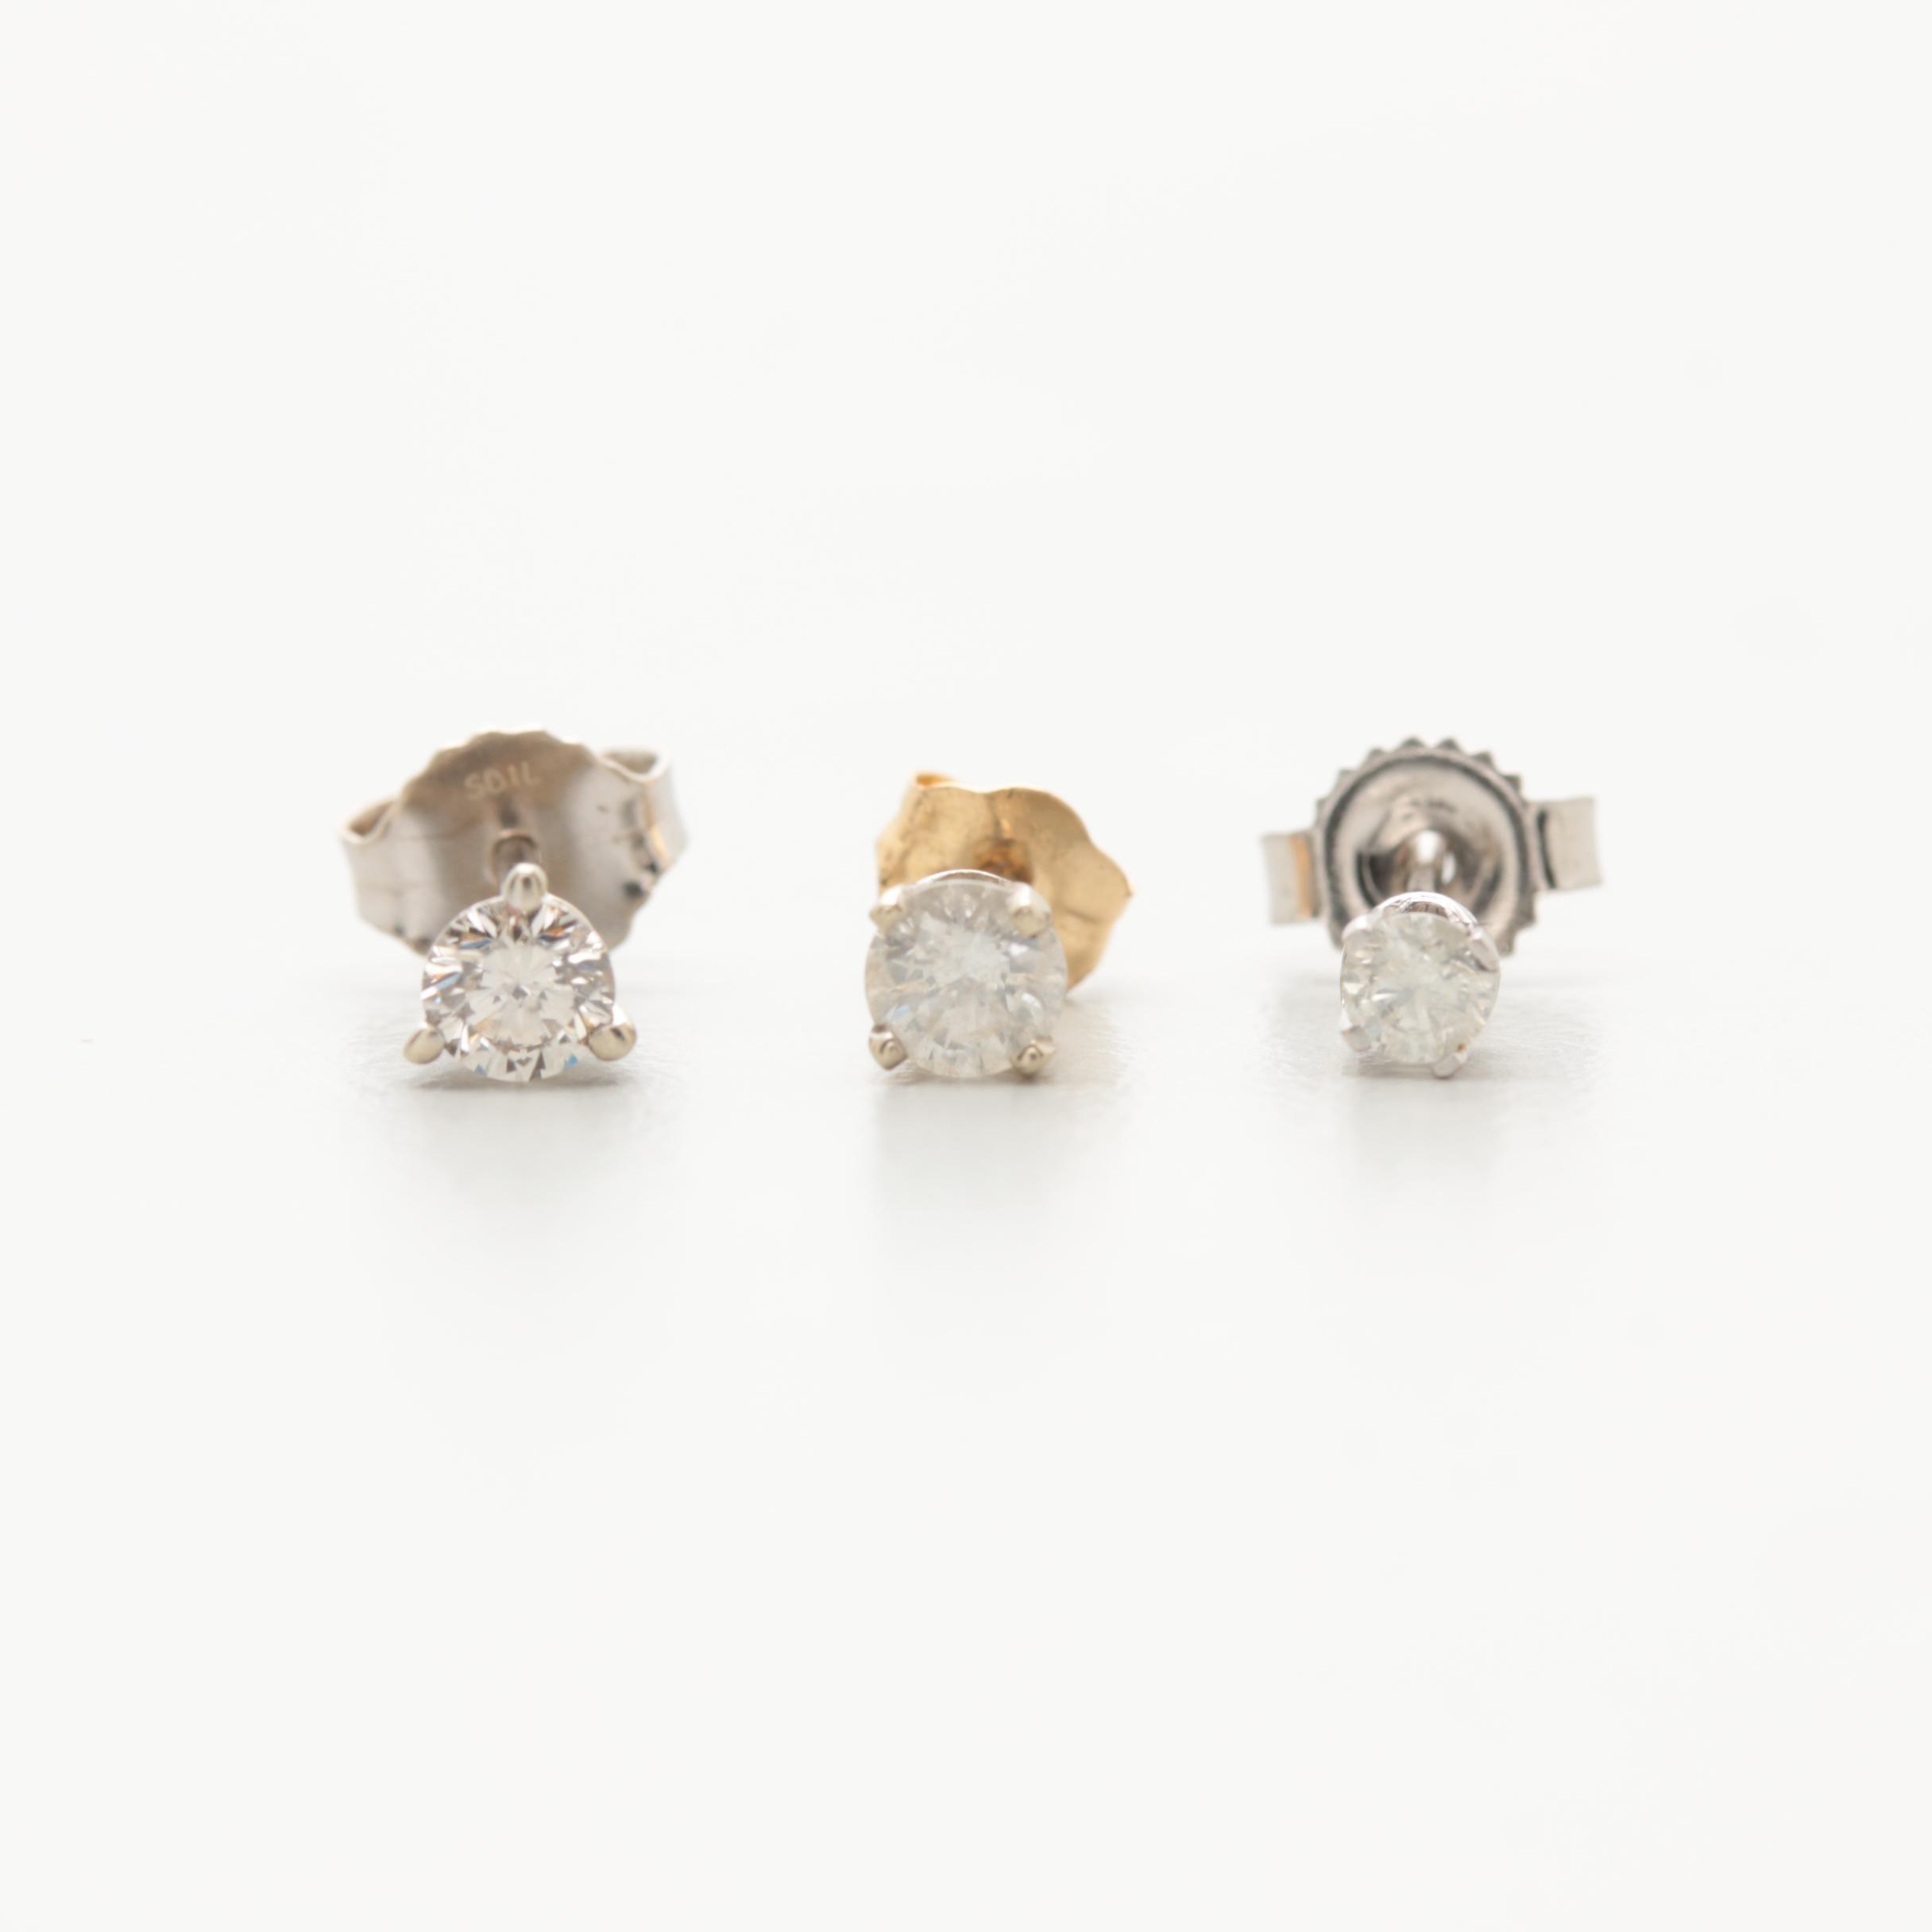 14K and 10K White Gold Diamond Stud Single Earring